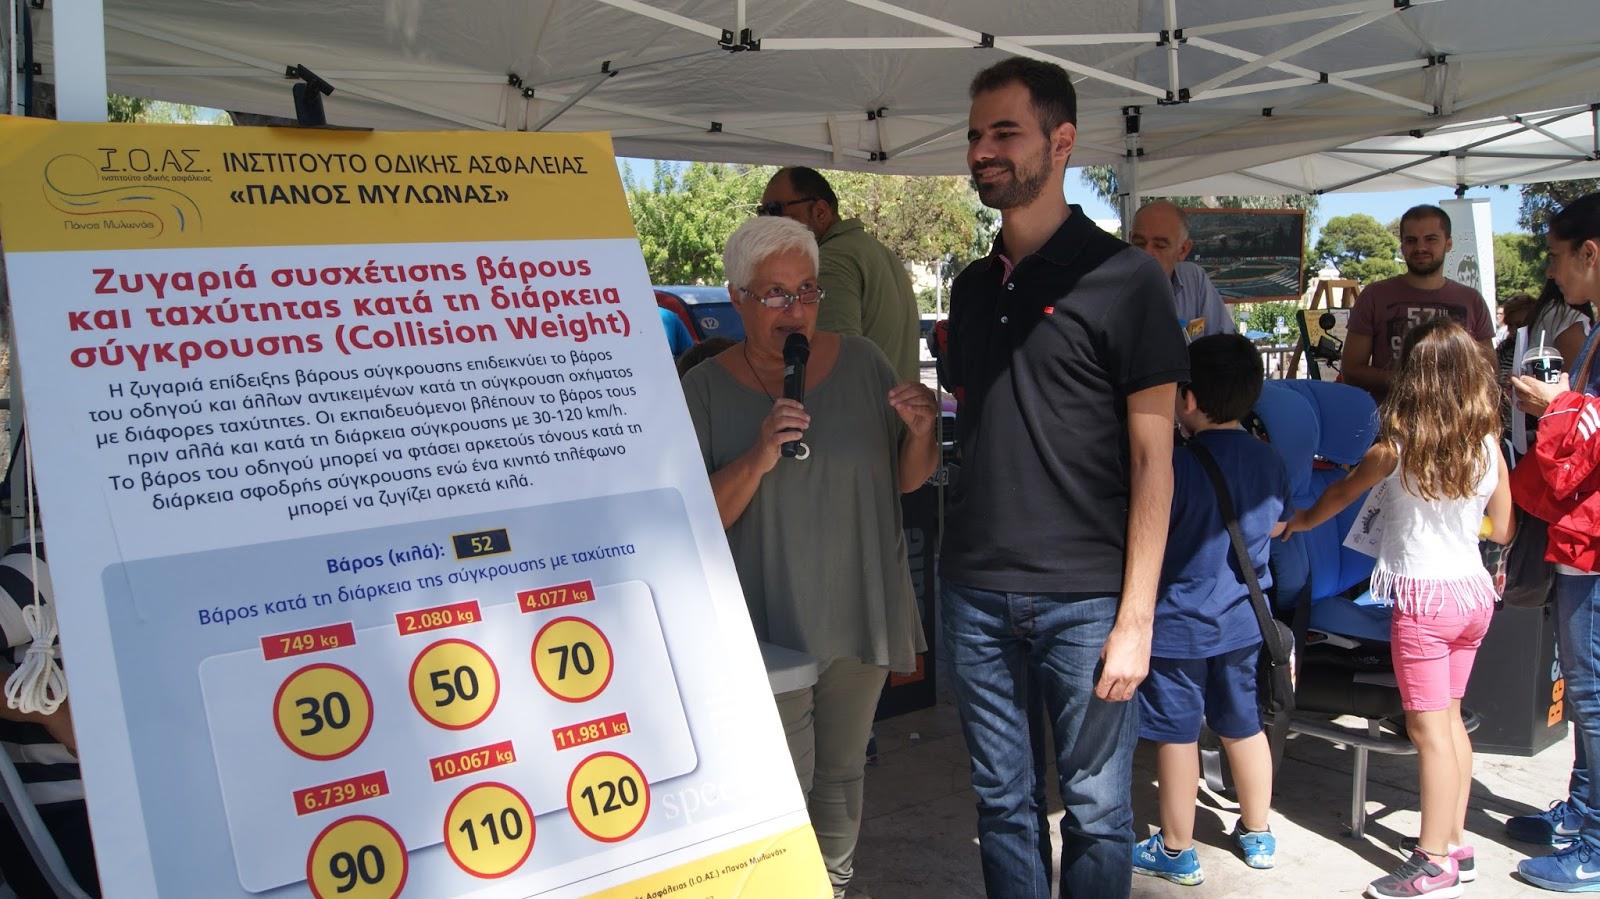 Η εκδήλωση τελούσε υπό την αιγίδα του Δήμου Ηρακλείου και της Περιφέρειας Κρήτης, ενώ κεντρικός παρουσιαστής του διημέρου ήταν ο δικηγόρος Βαγγέλης Αυγουλάς